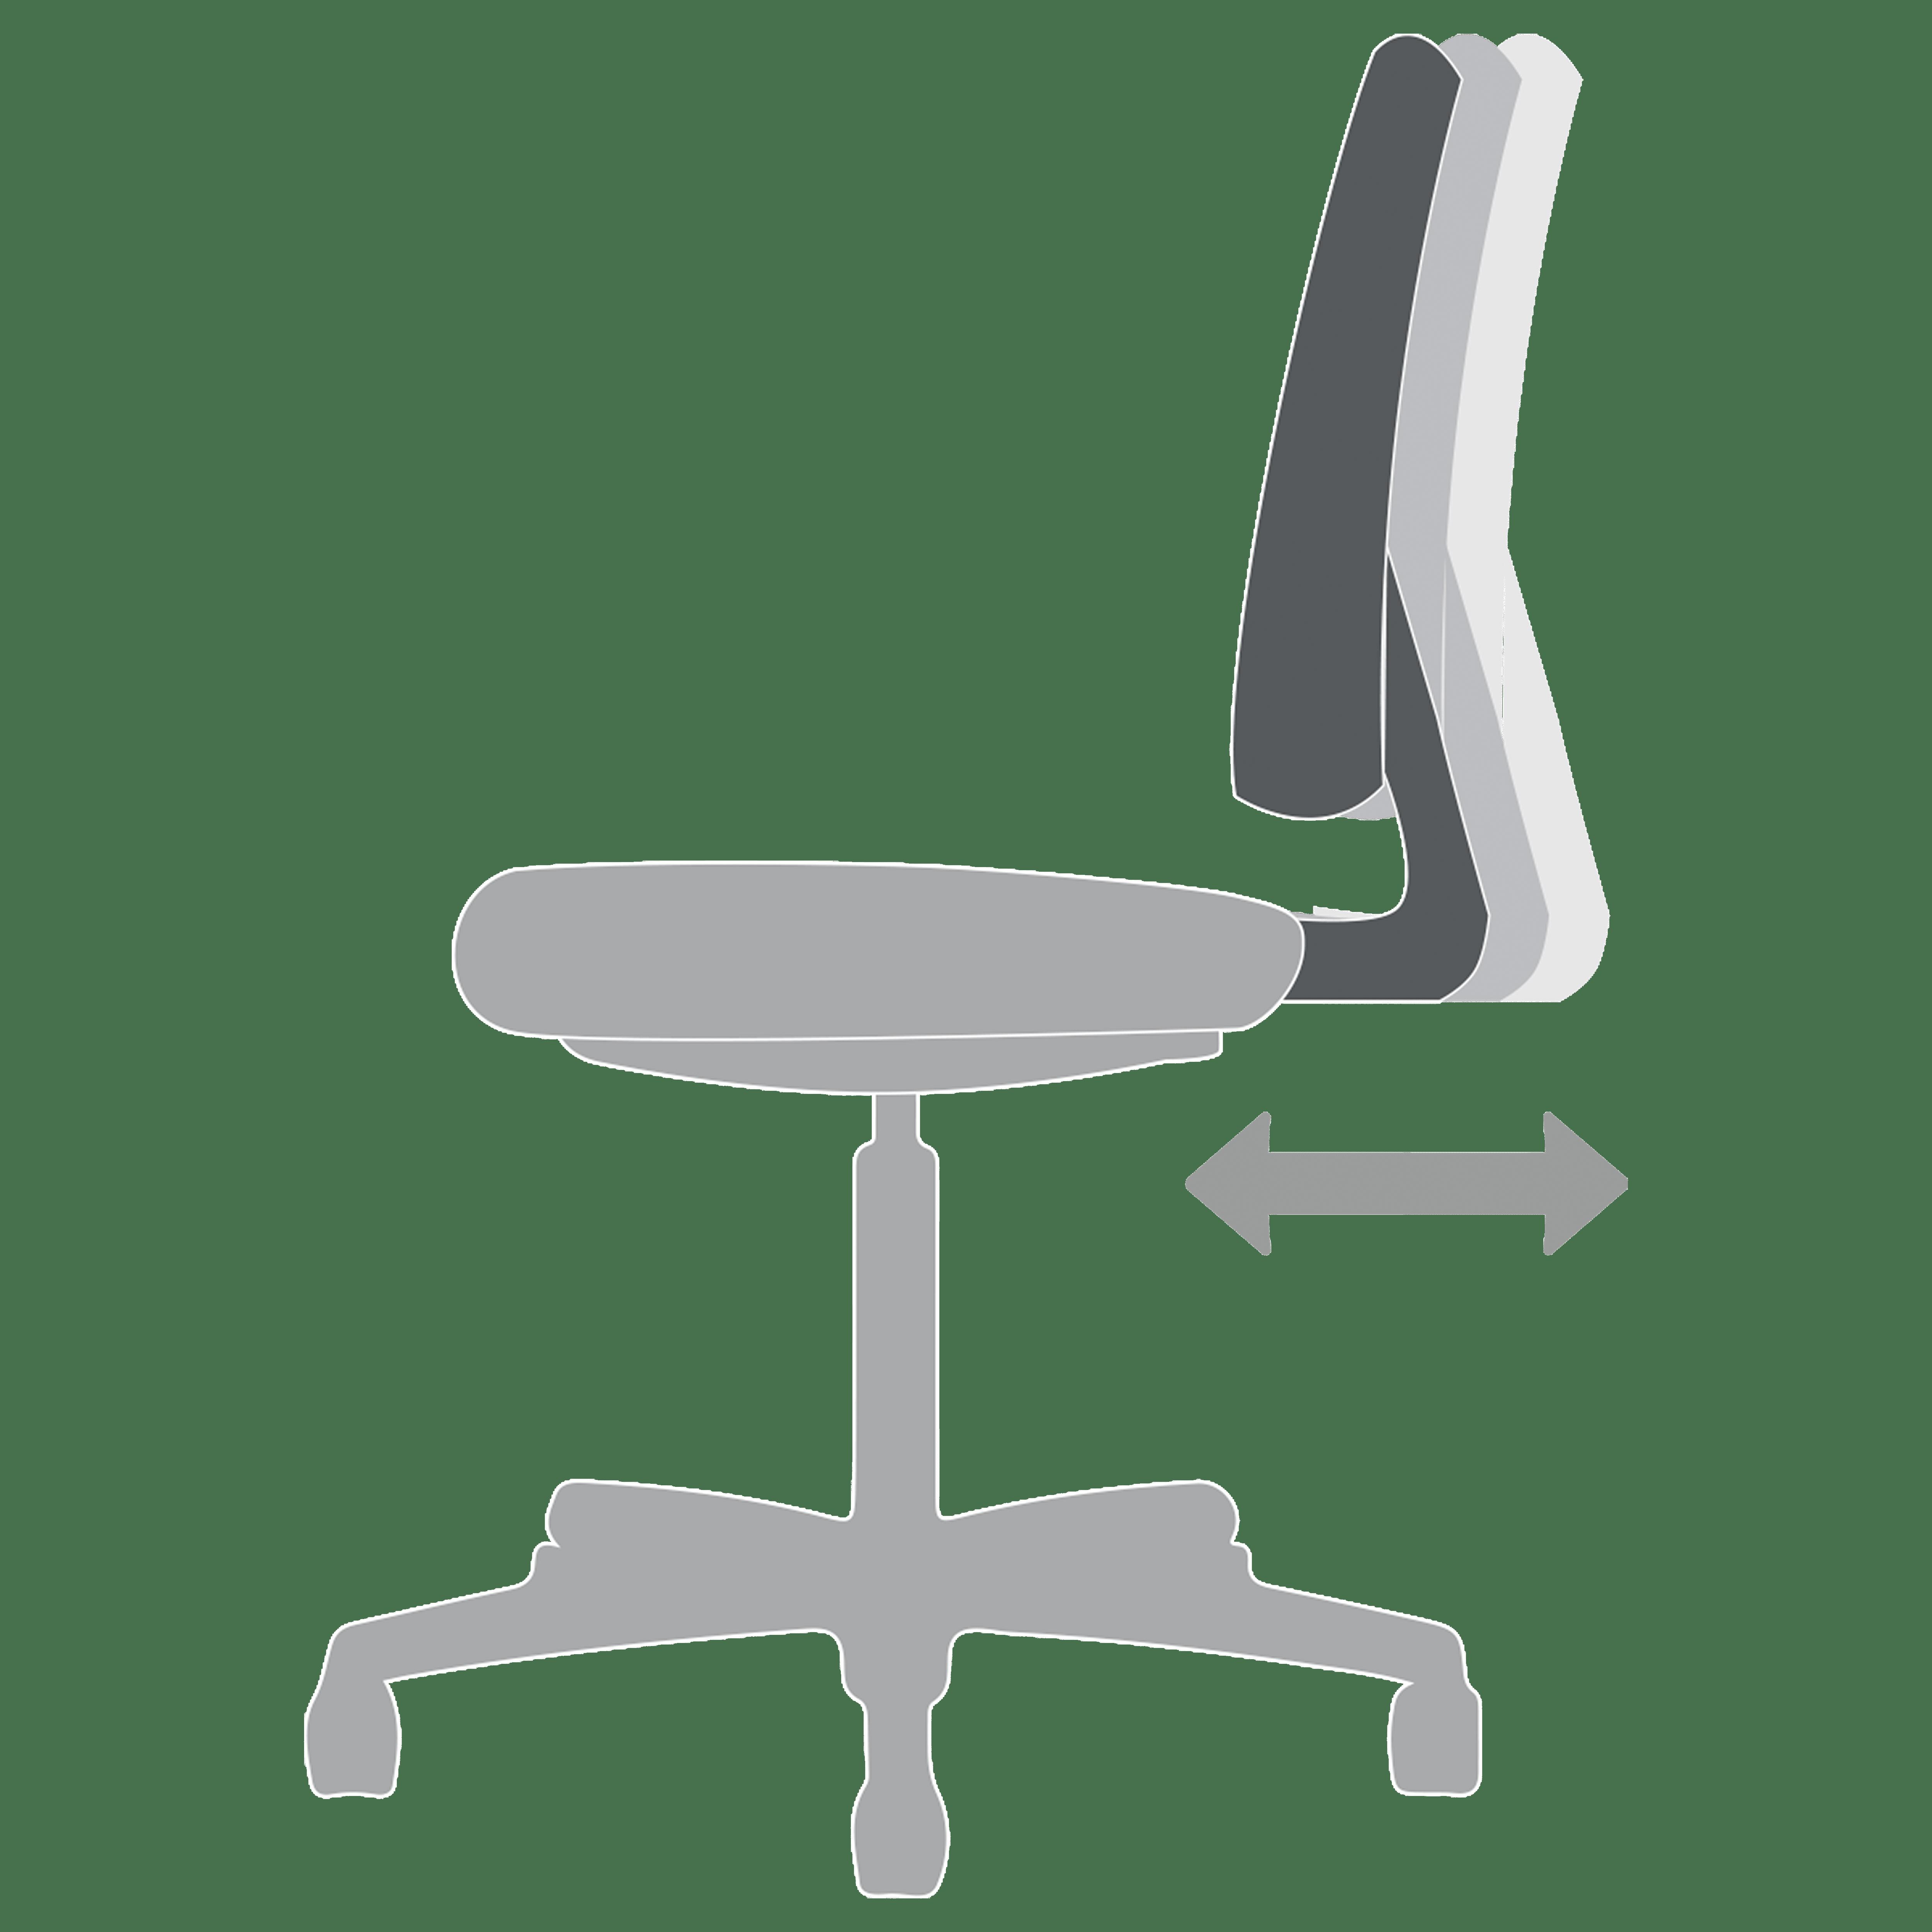 C-Seat-Depth-Adjustment